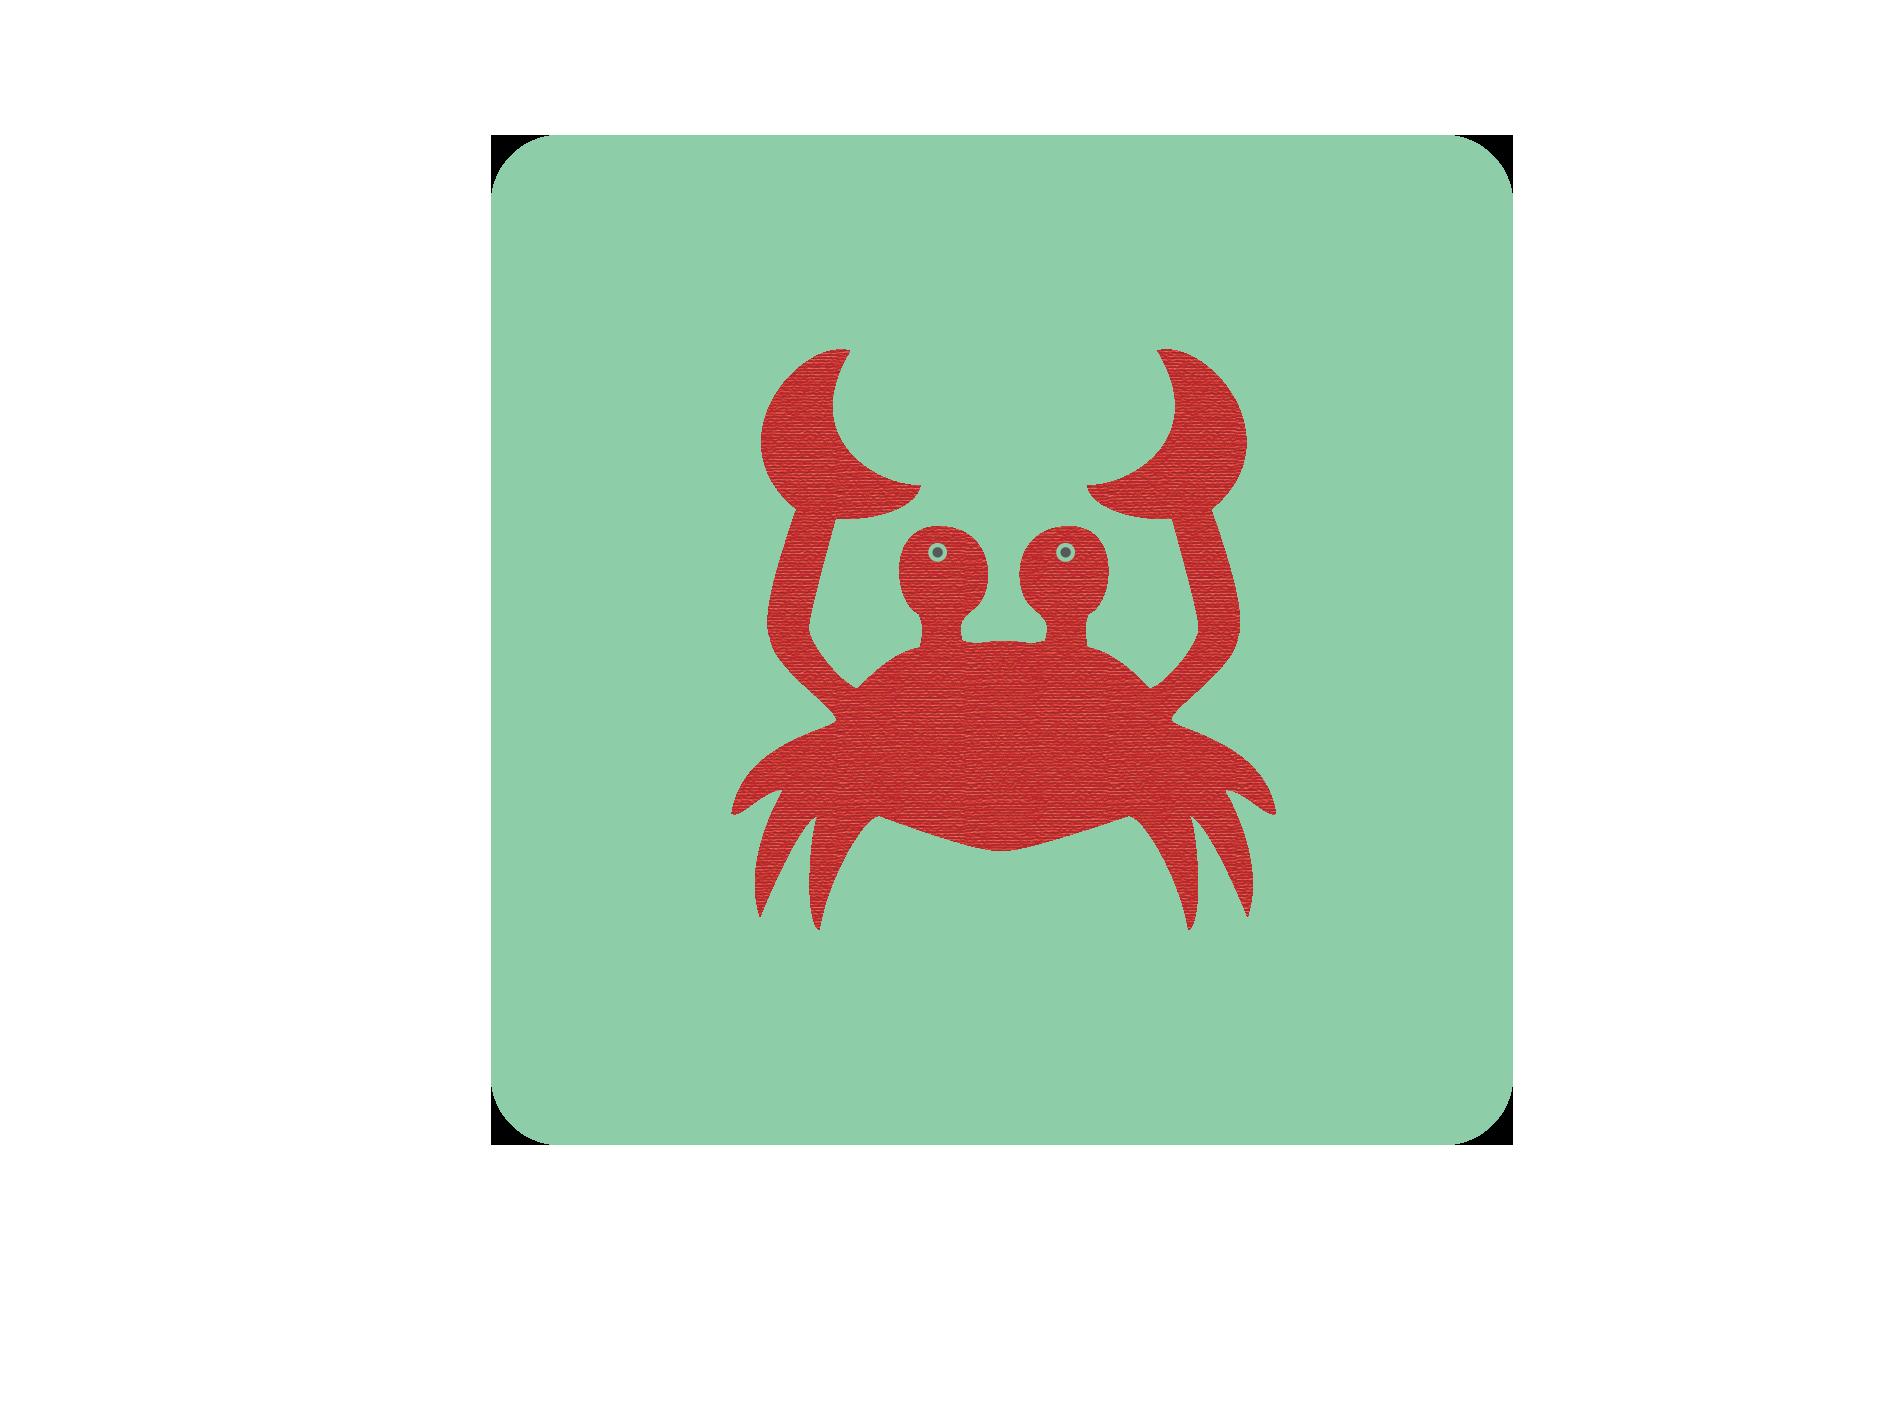 Création d'un crabe en Flat Design #celine #romeuf #design #crabe #crab #flat #cute